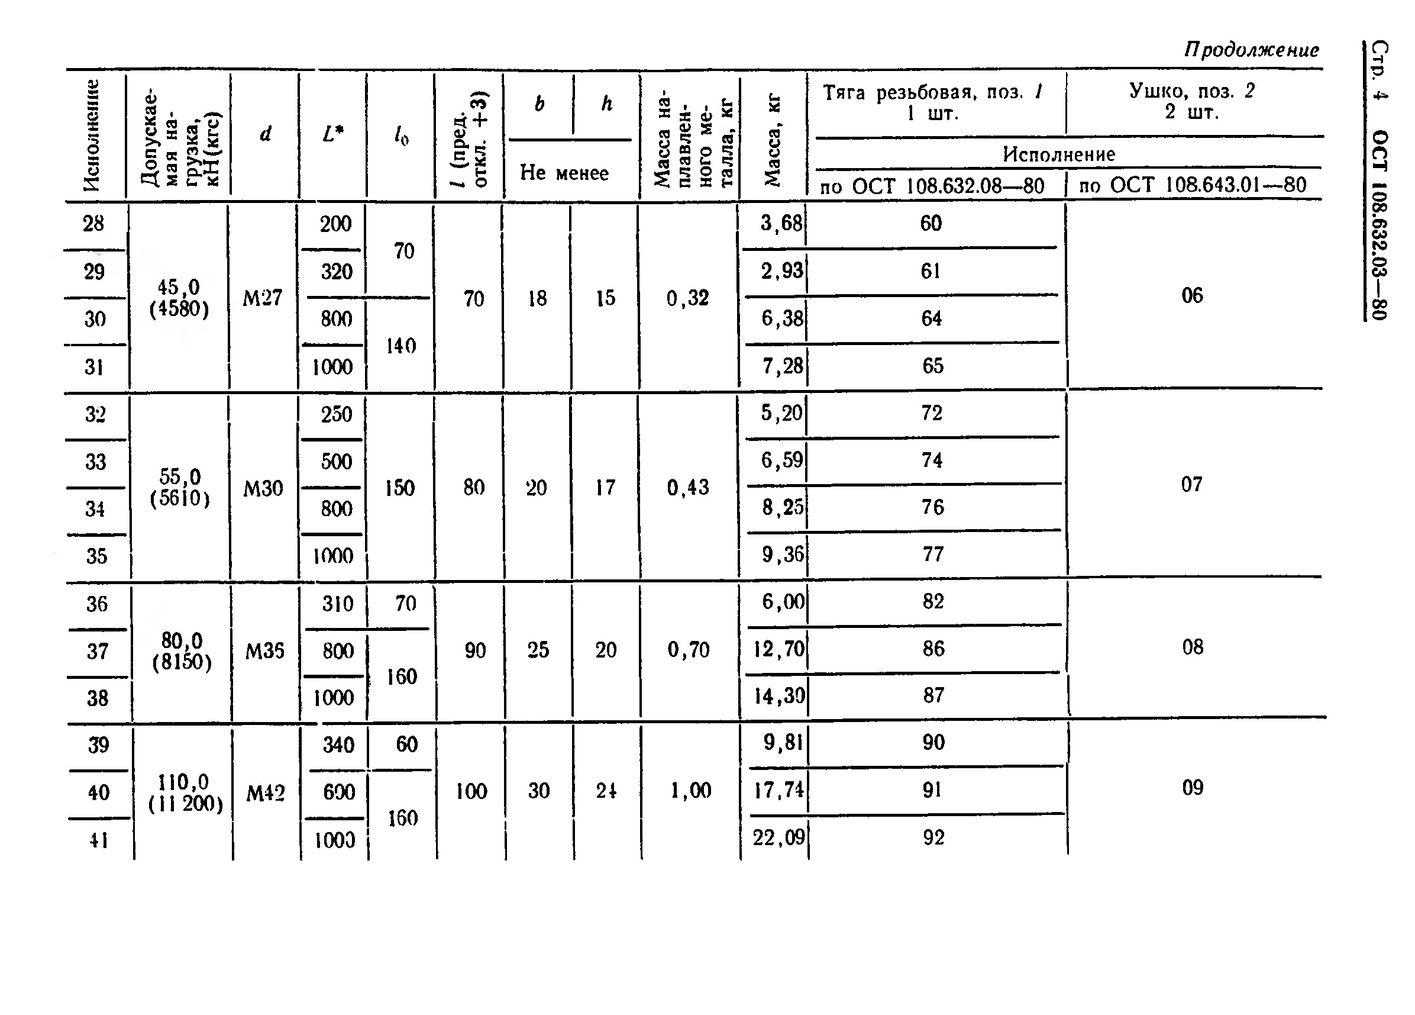 Тяги резьбовые с ушком ОСТ 108.632.03-80 стр.4